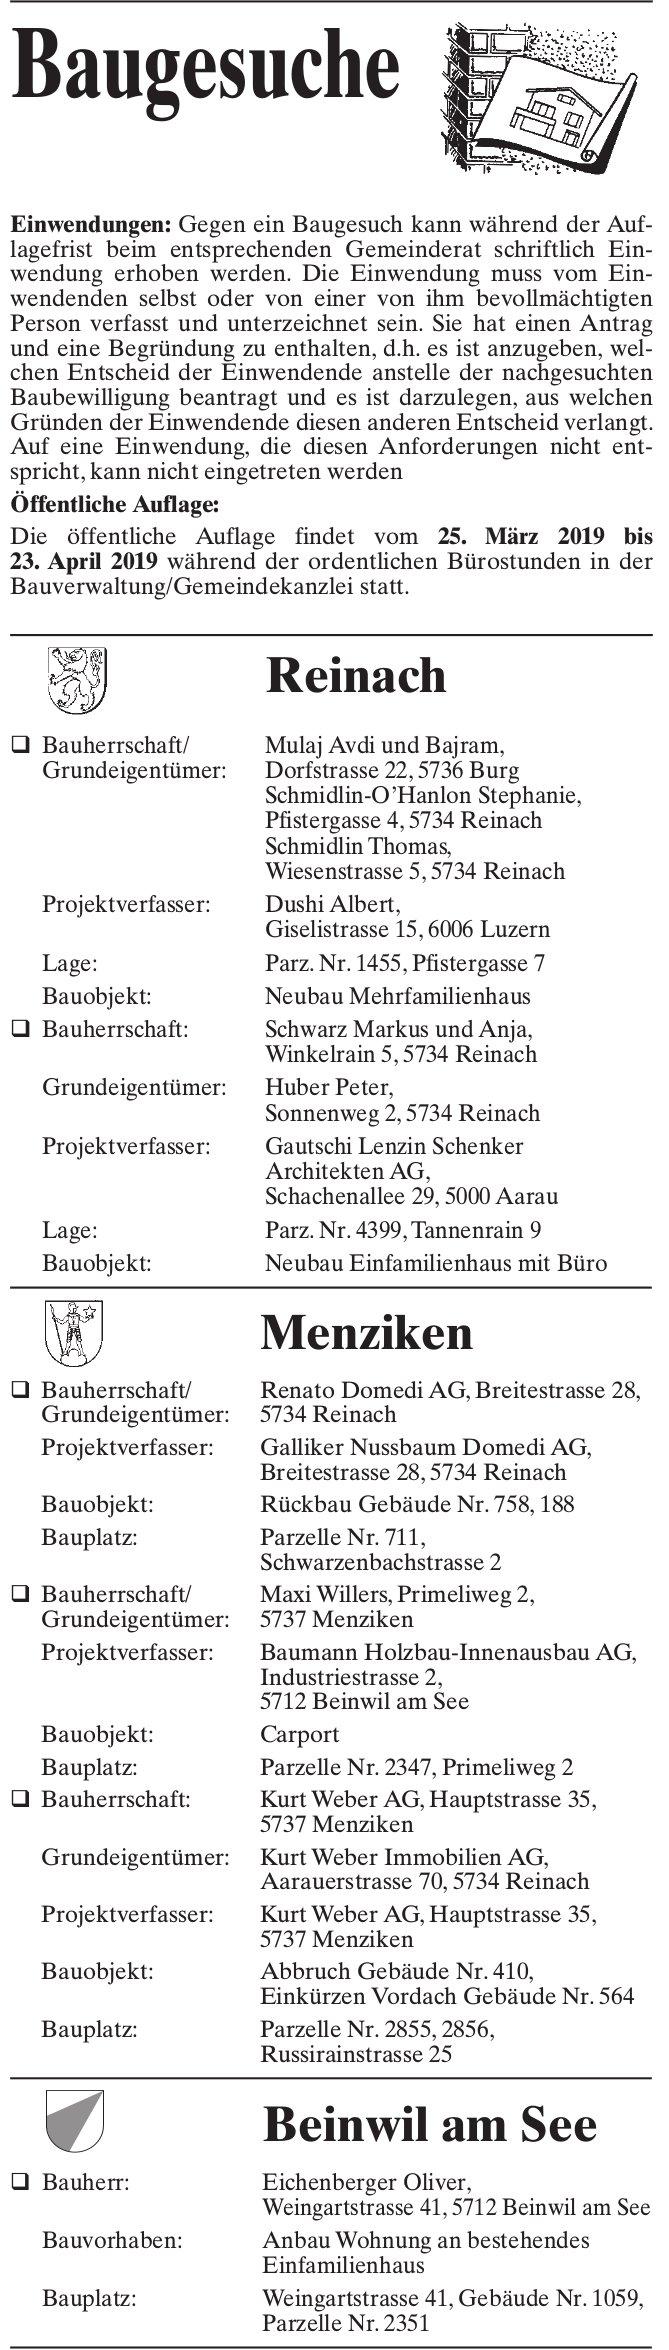 Baugesuche Reinach, Menziken & Beinwil am See